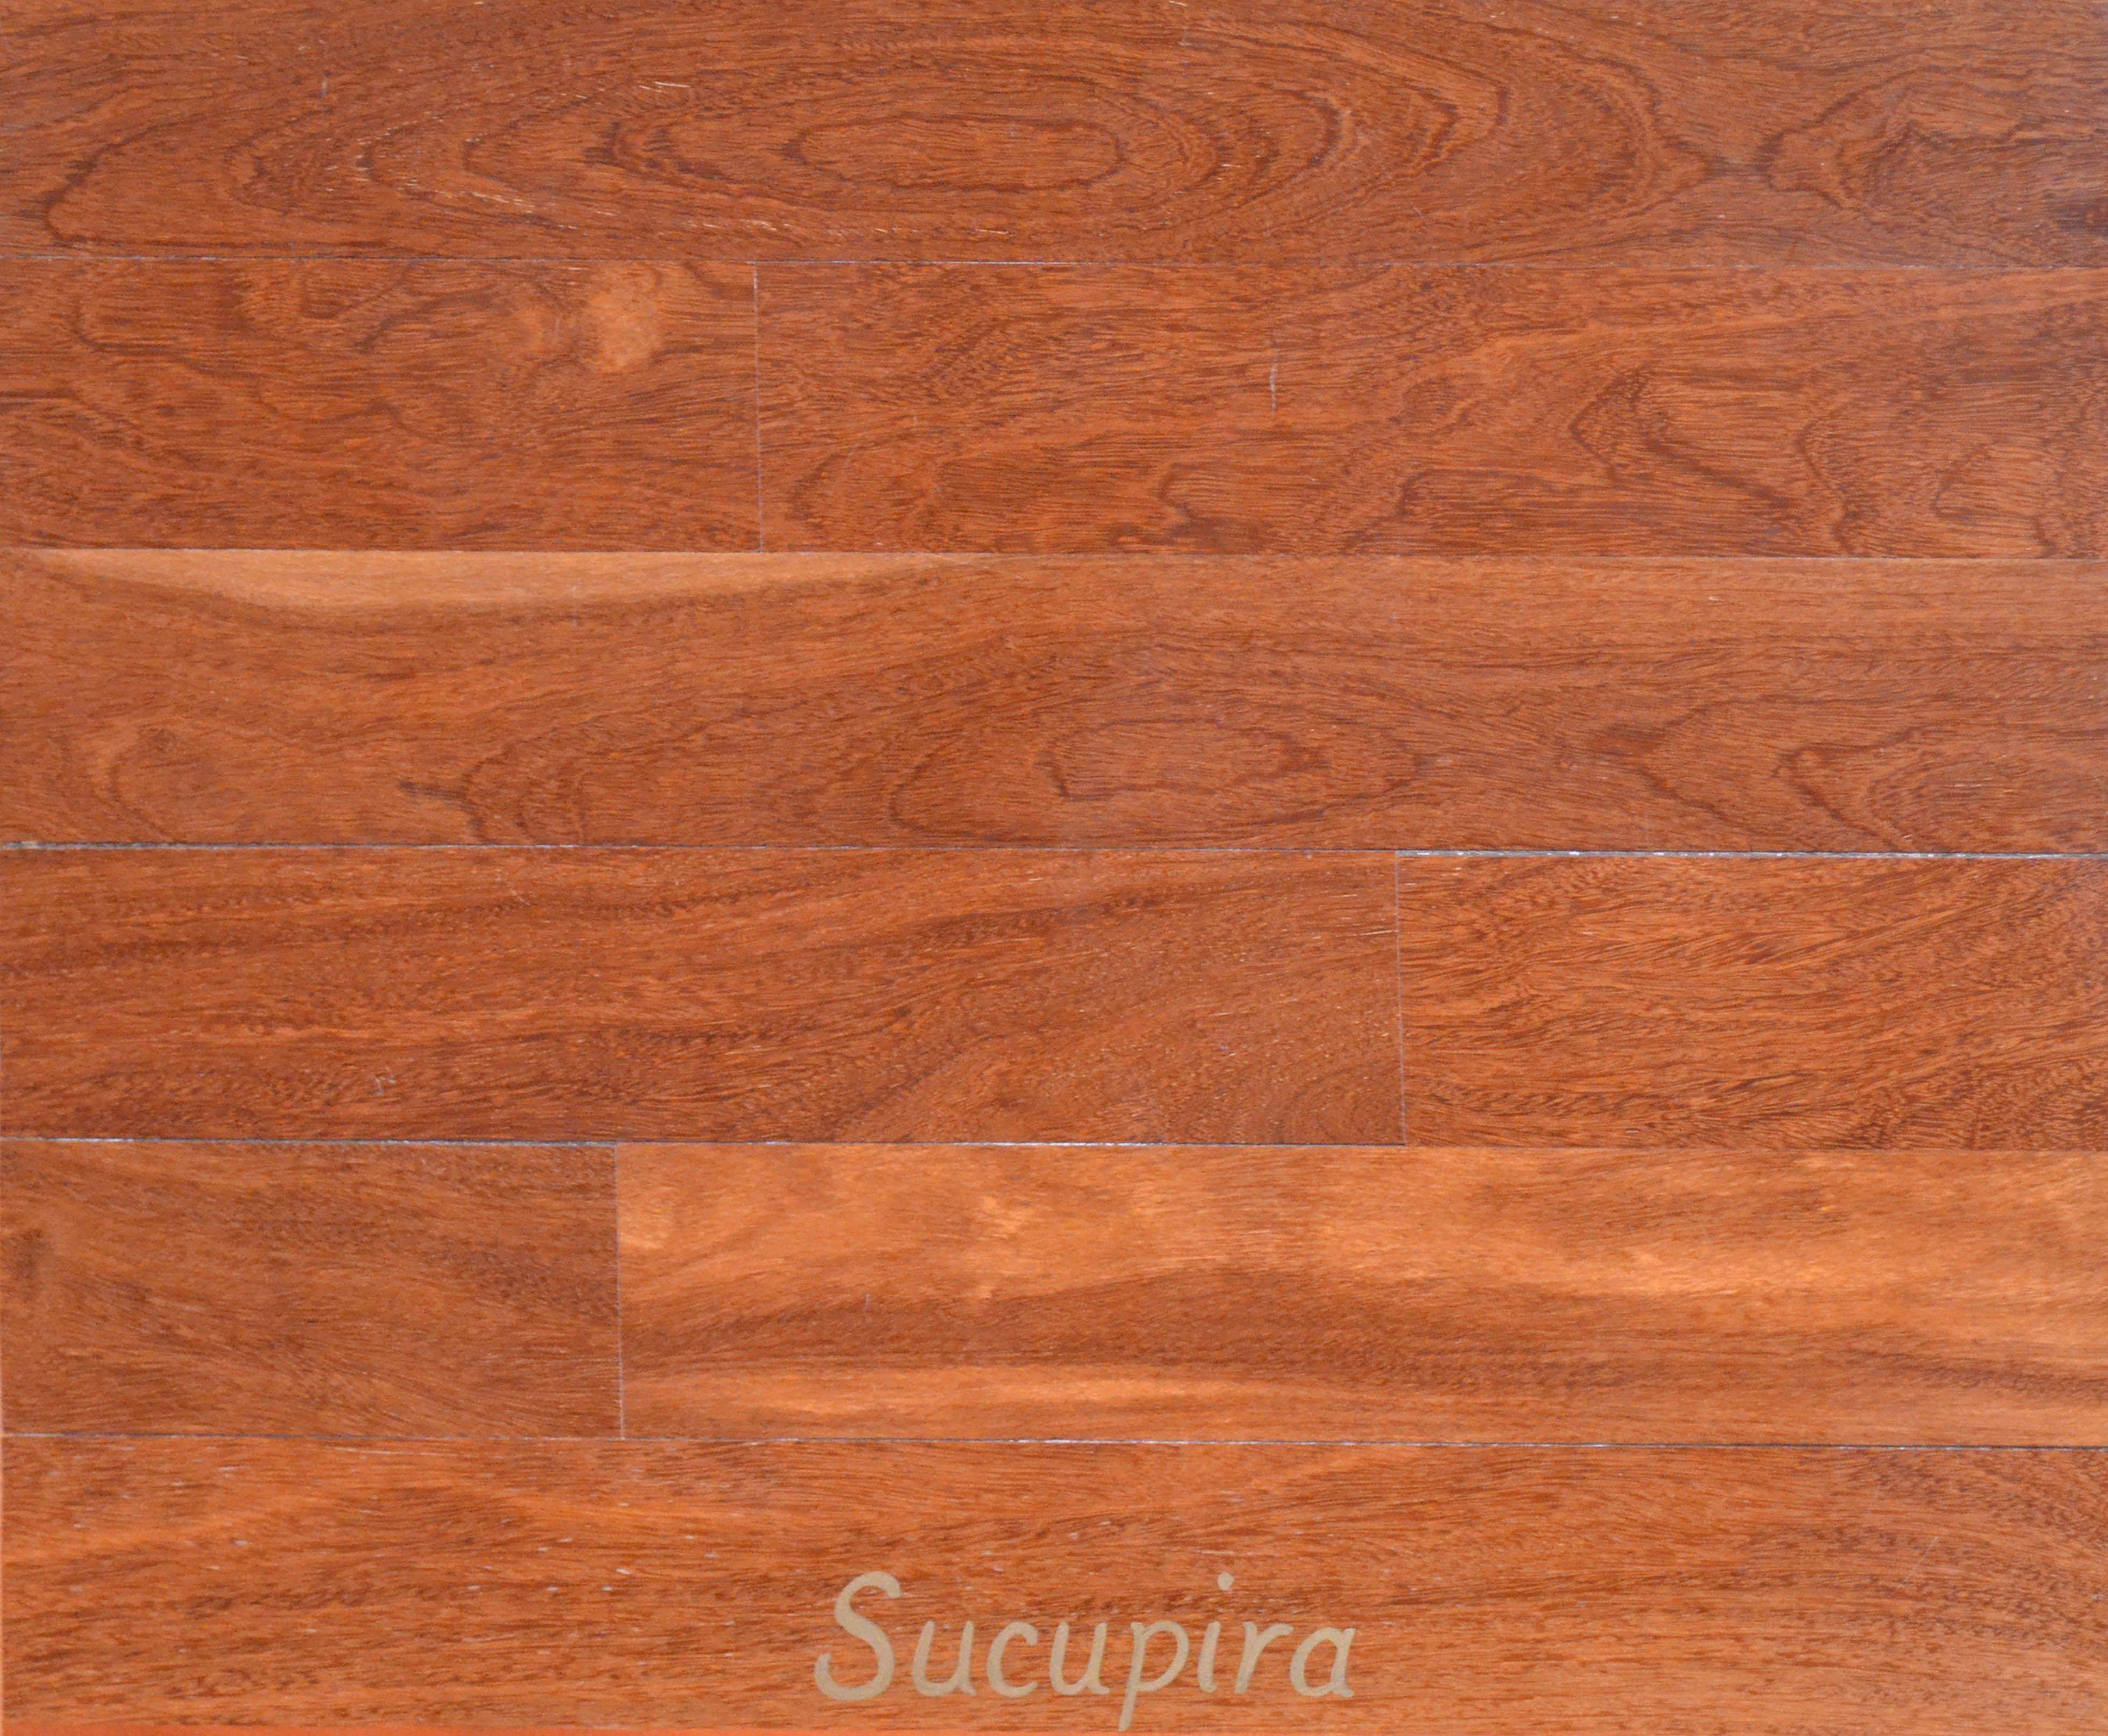 Sucupira our exotic hardwood flooring pinterest for Exotic hardwood flooring